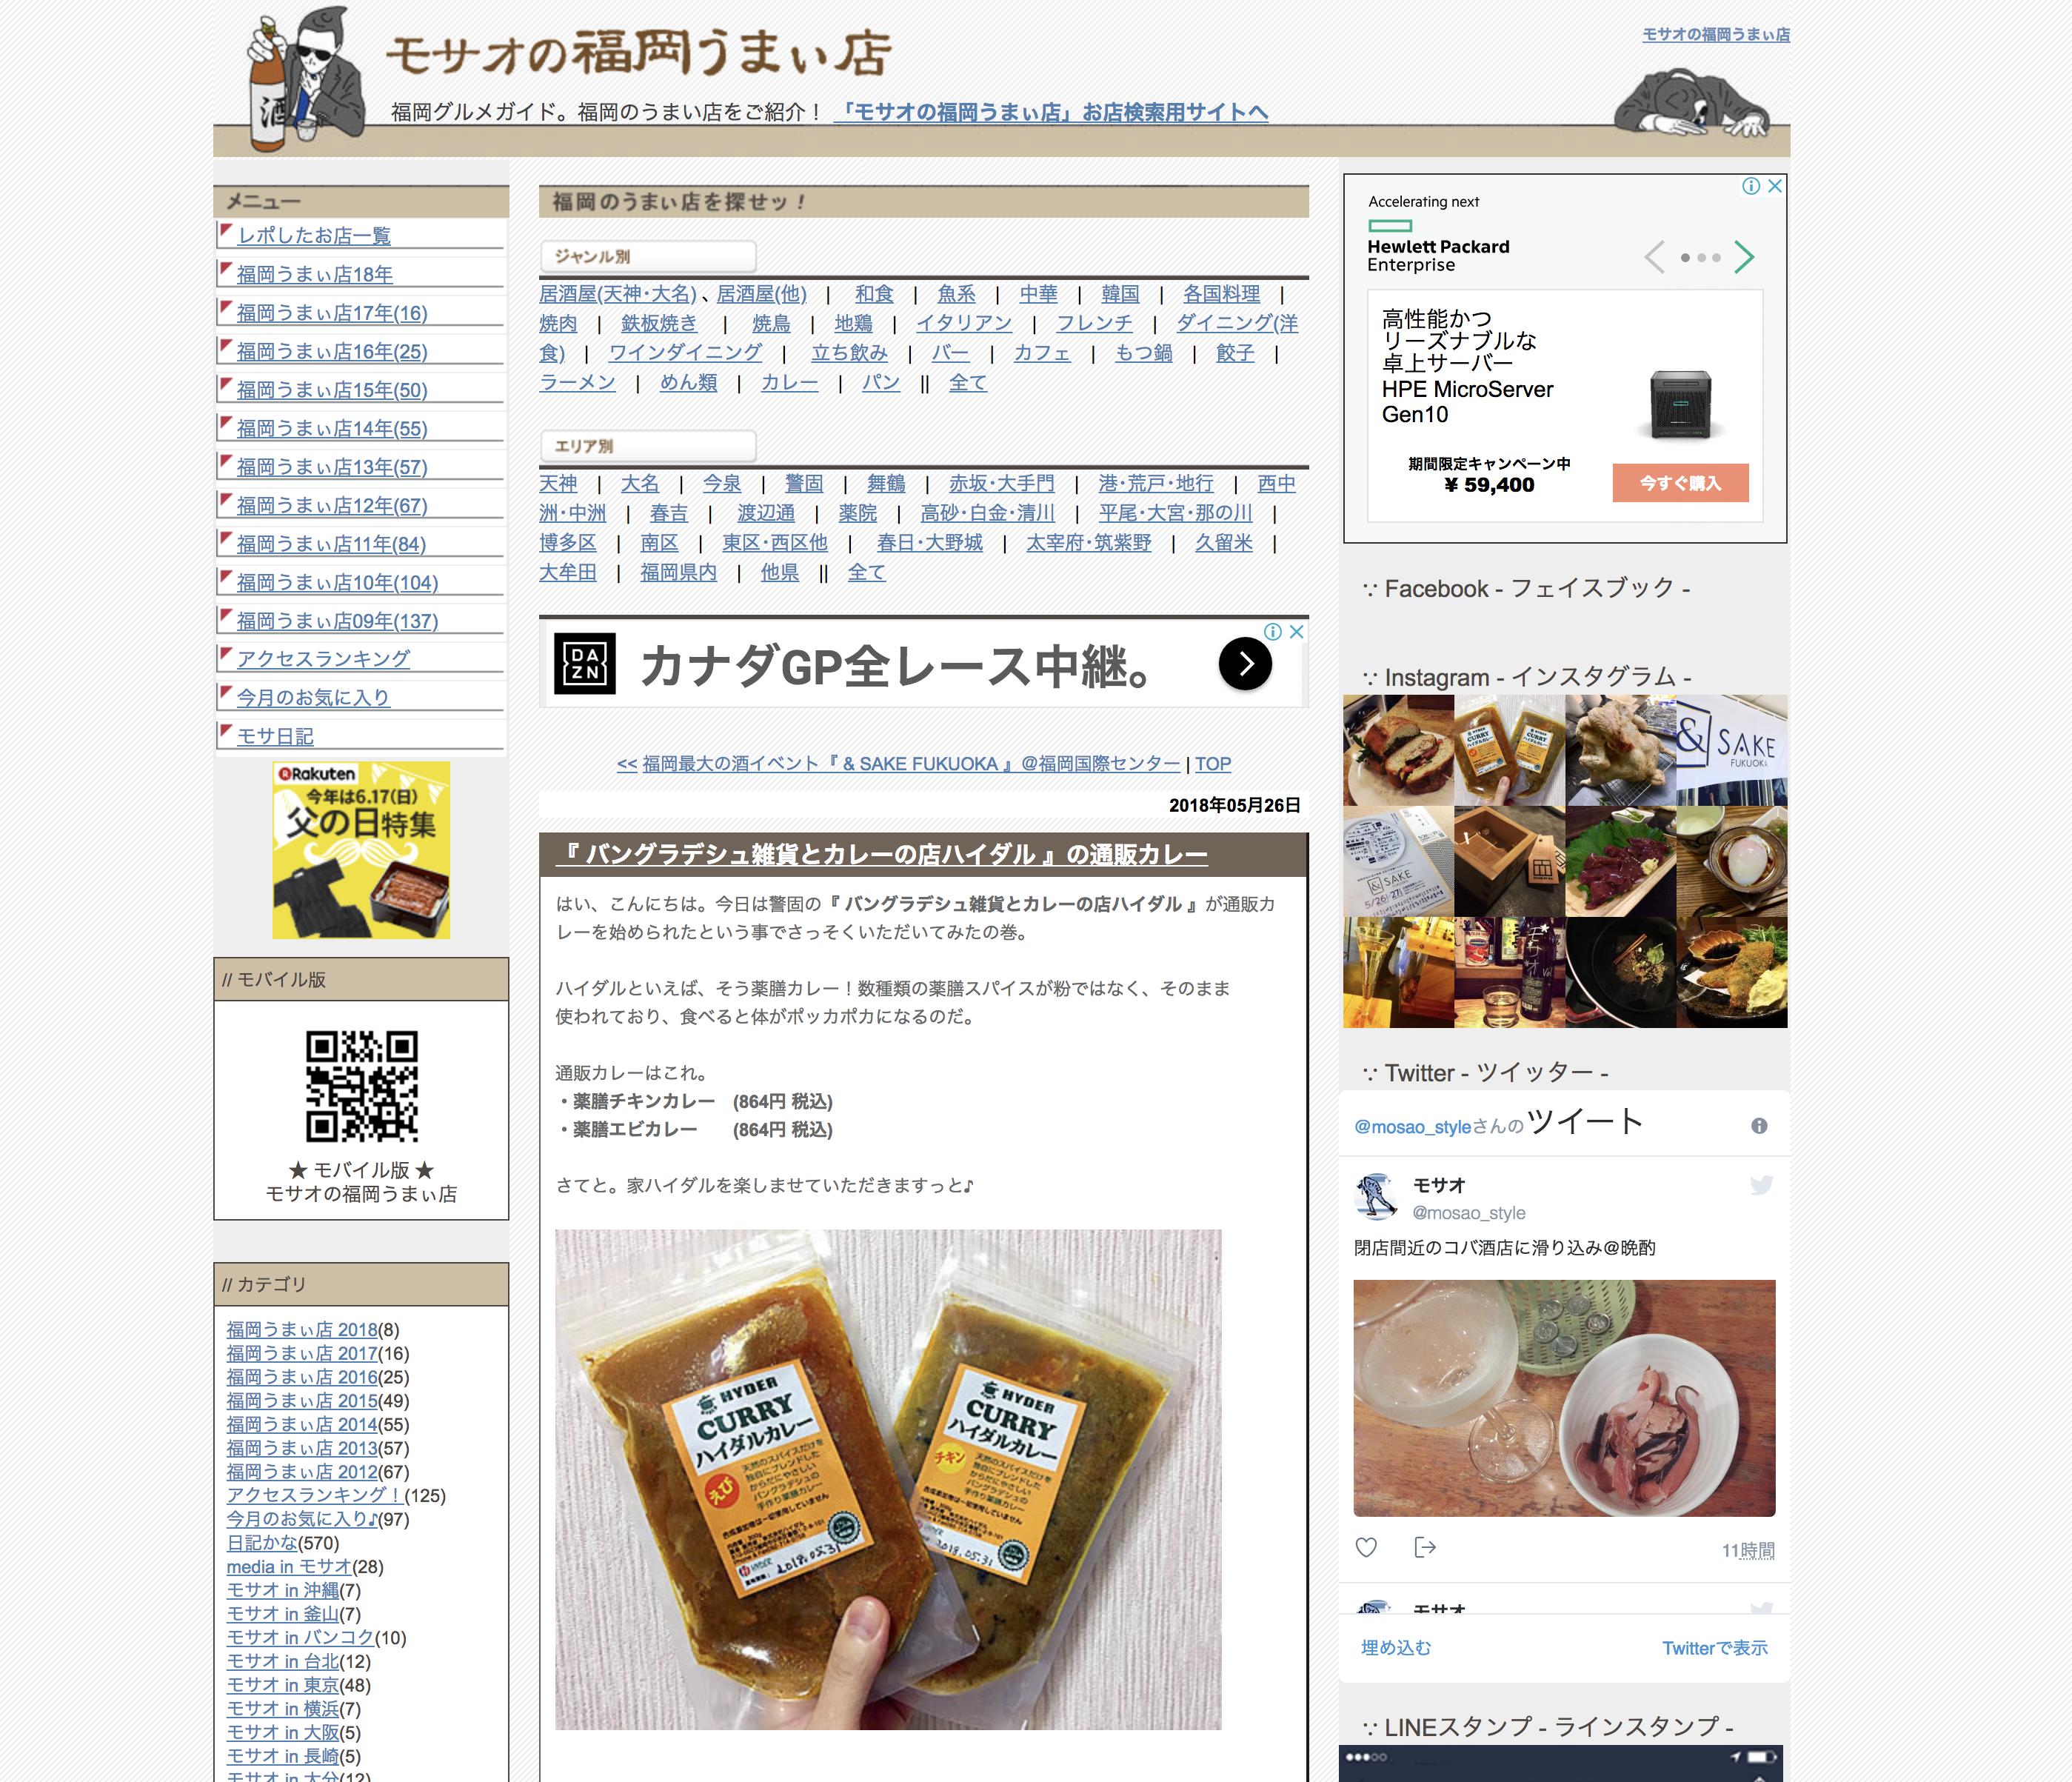 福岡で知らない人はいない「モサオの福岡うまぃ店」で紹介されました!